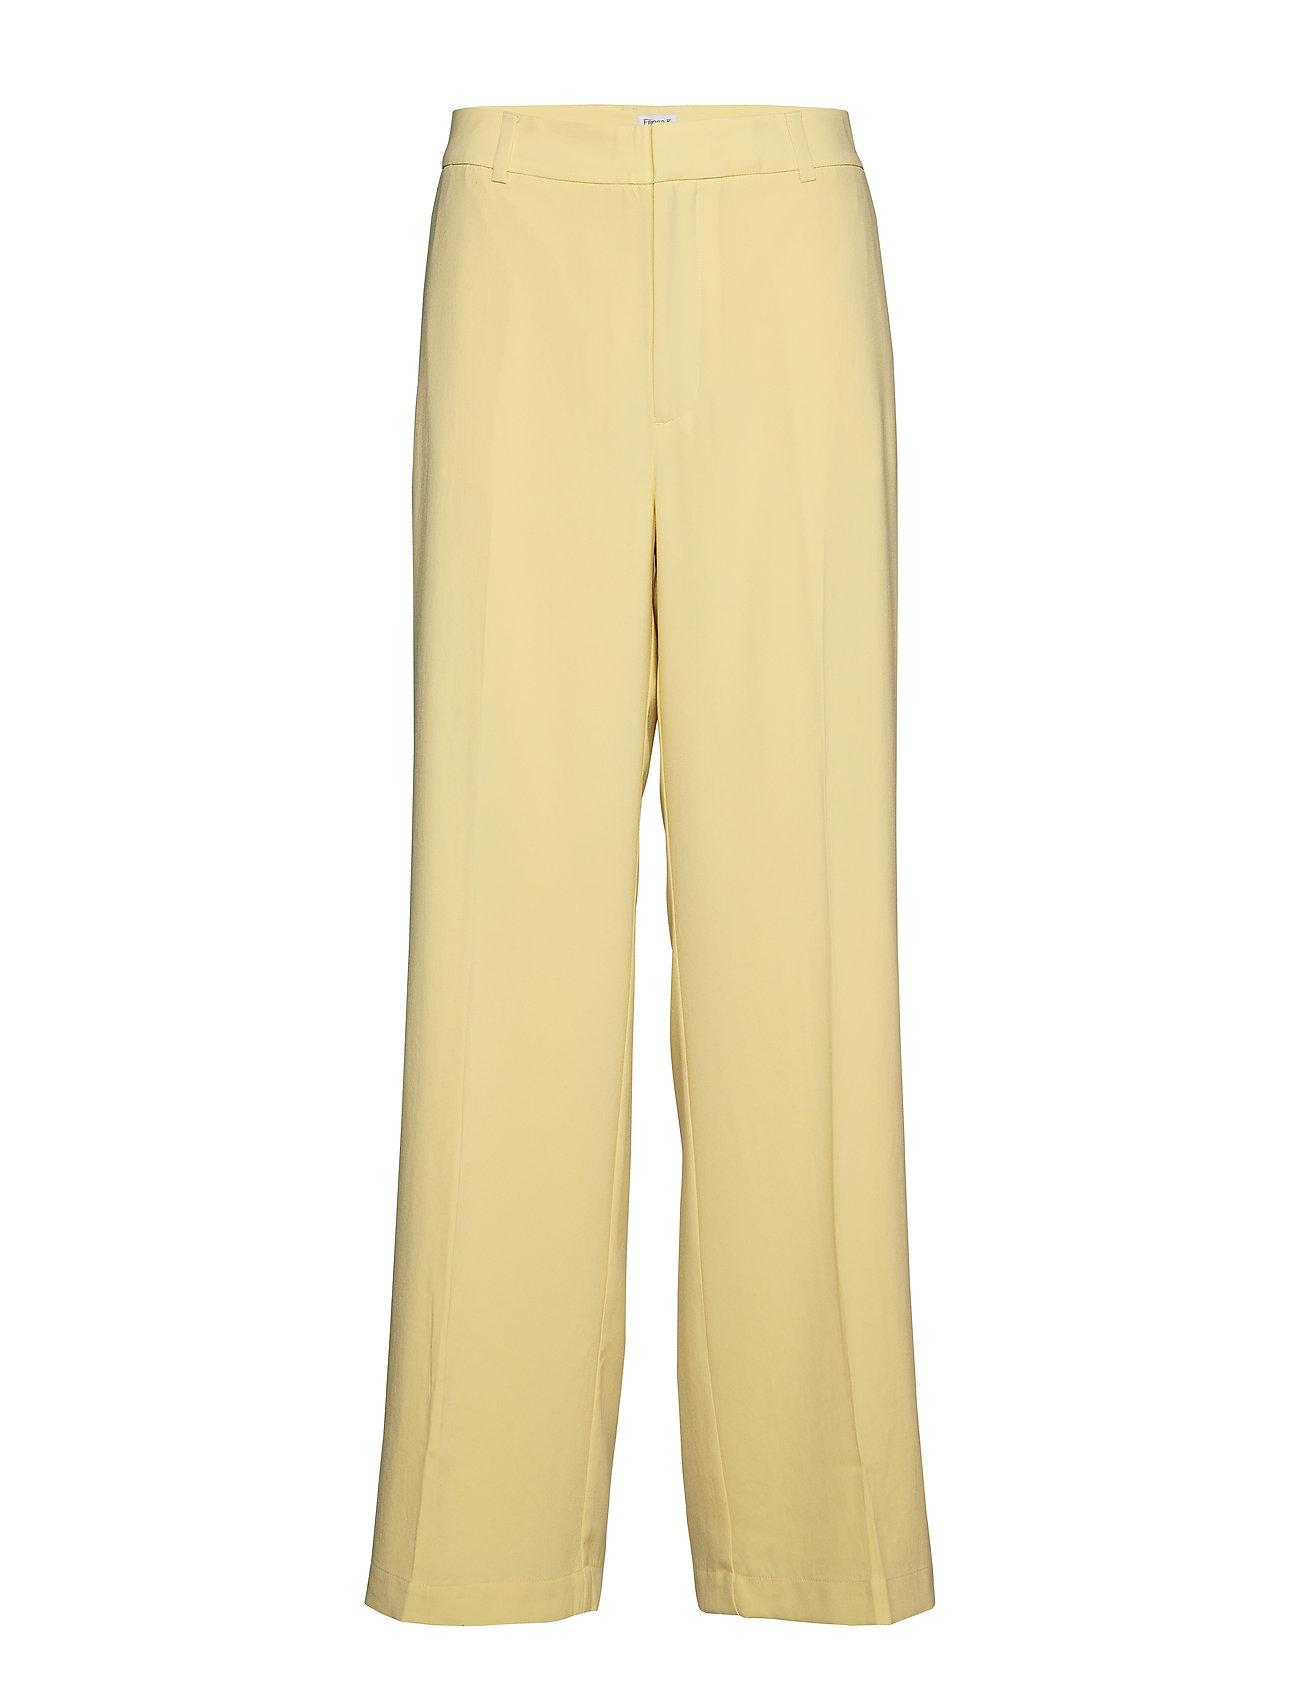 Image of Hutton Crepe Trouser Bukser Med Lige Ben Gul FILIPPA K (3187199065)